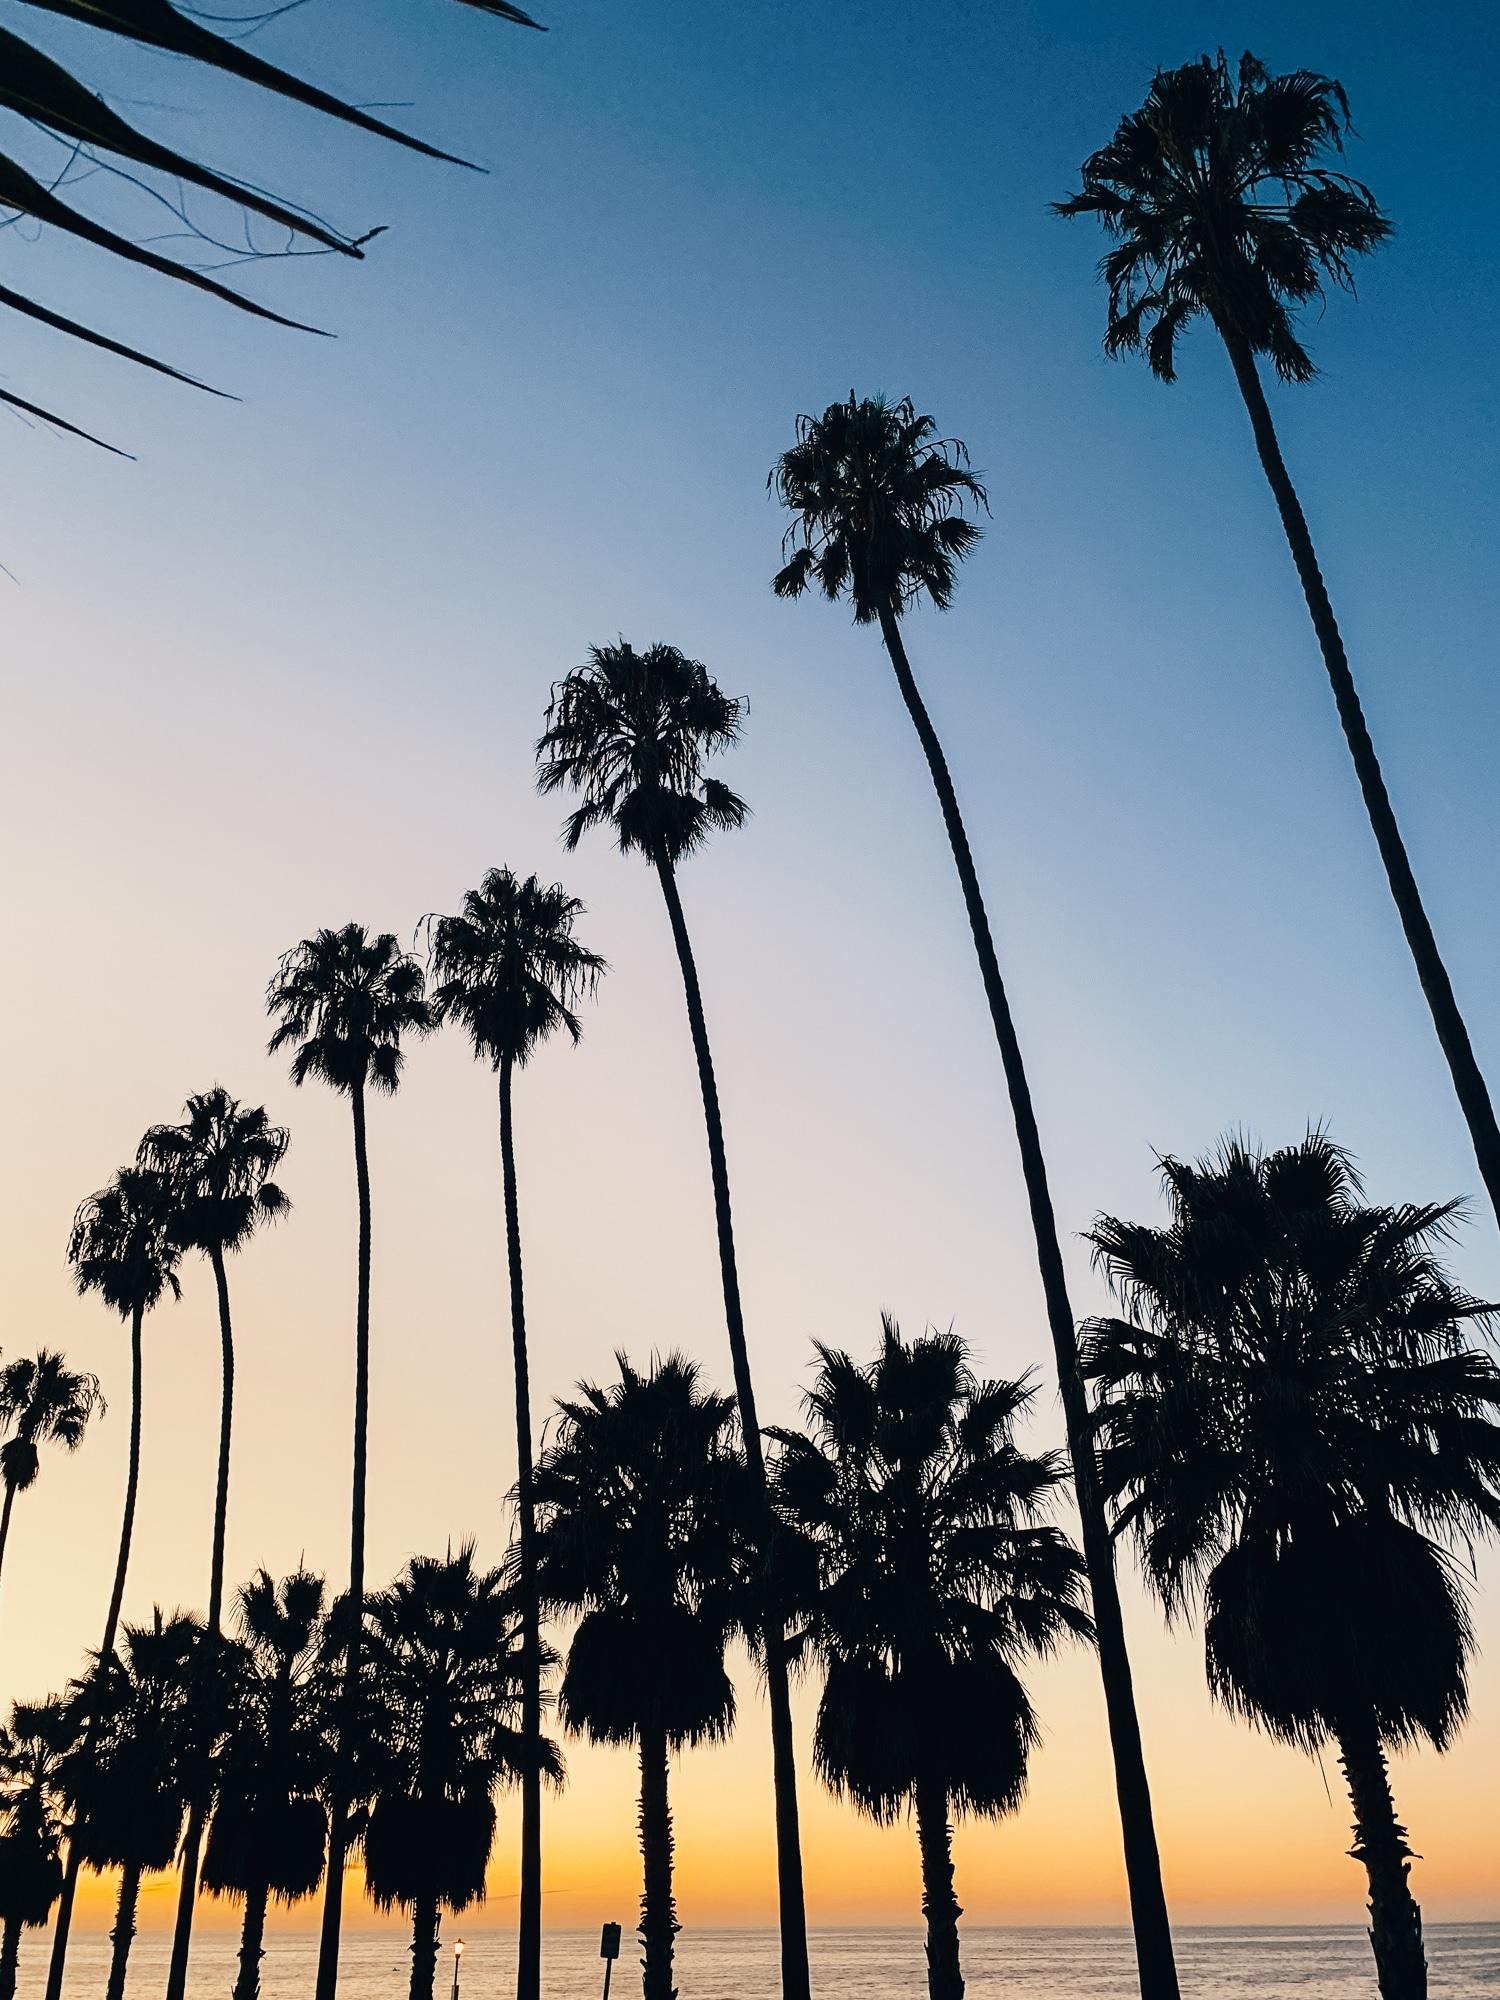 San Diego Sehenswürdigkeiten: Highlights und Things to do für eure Reise